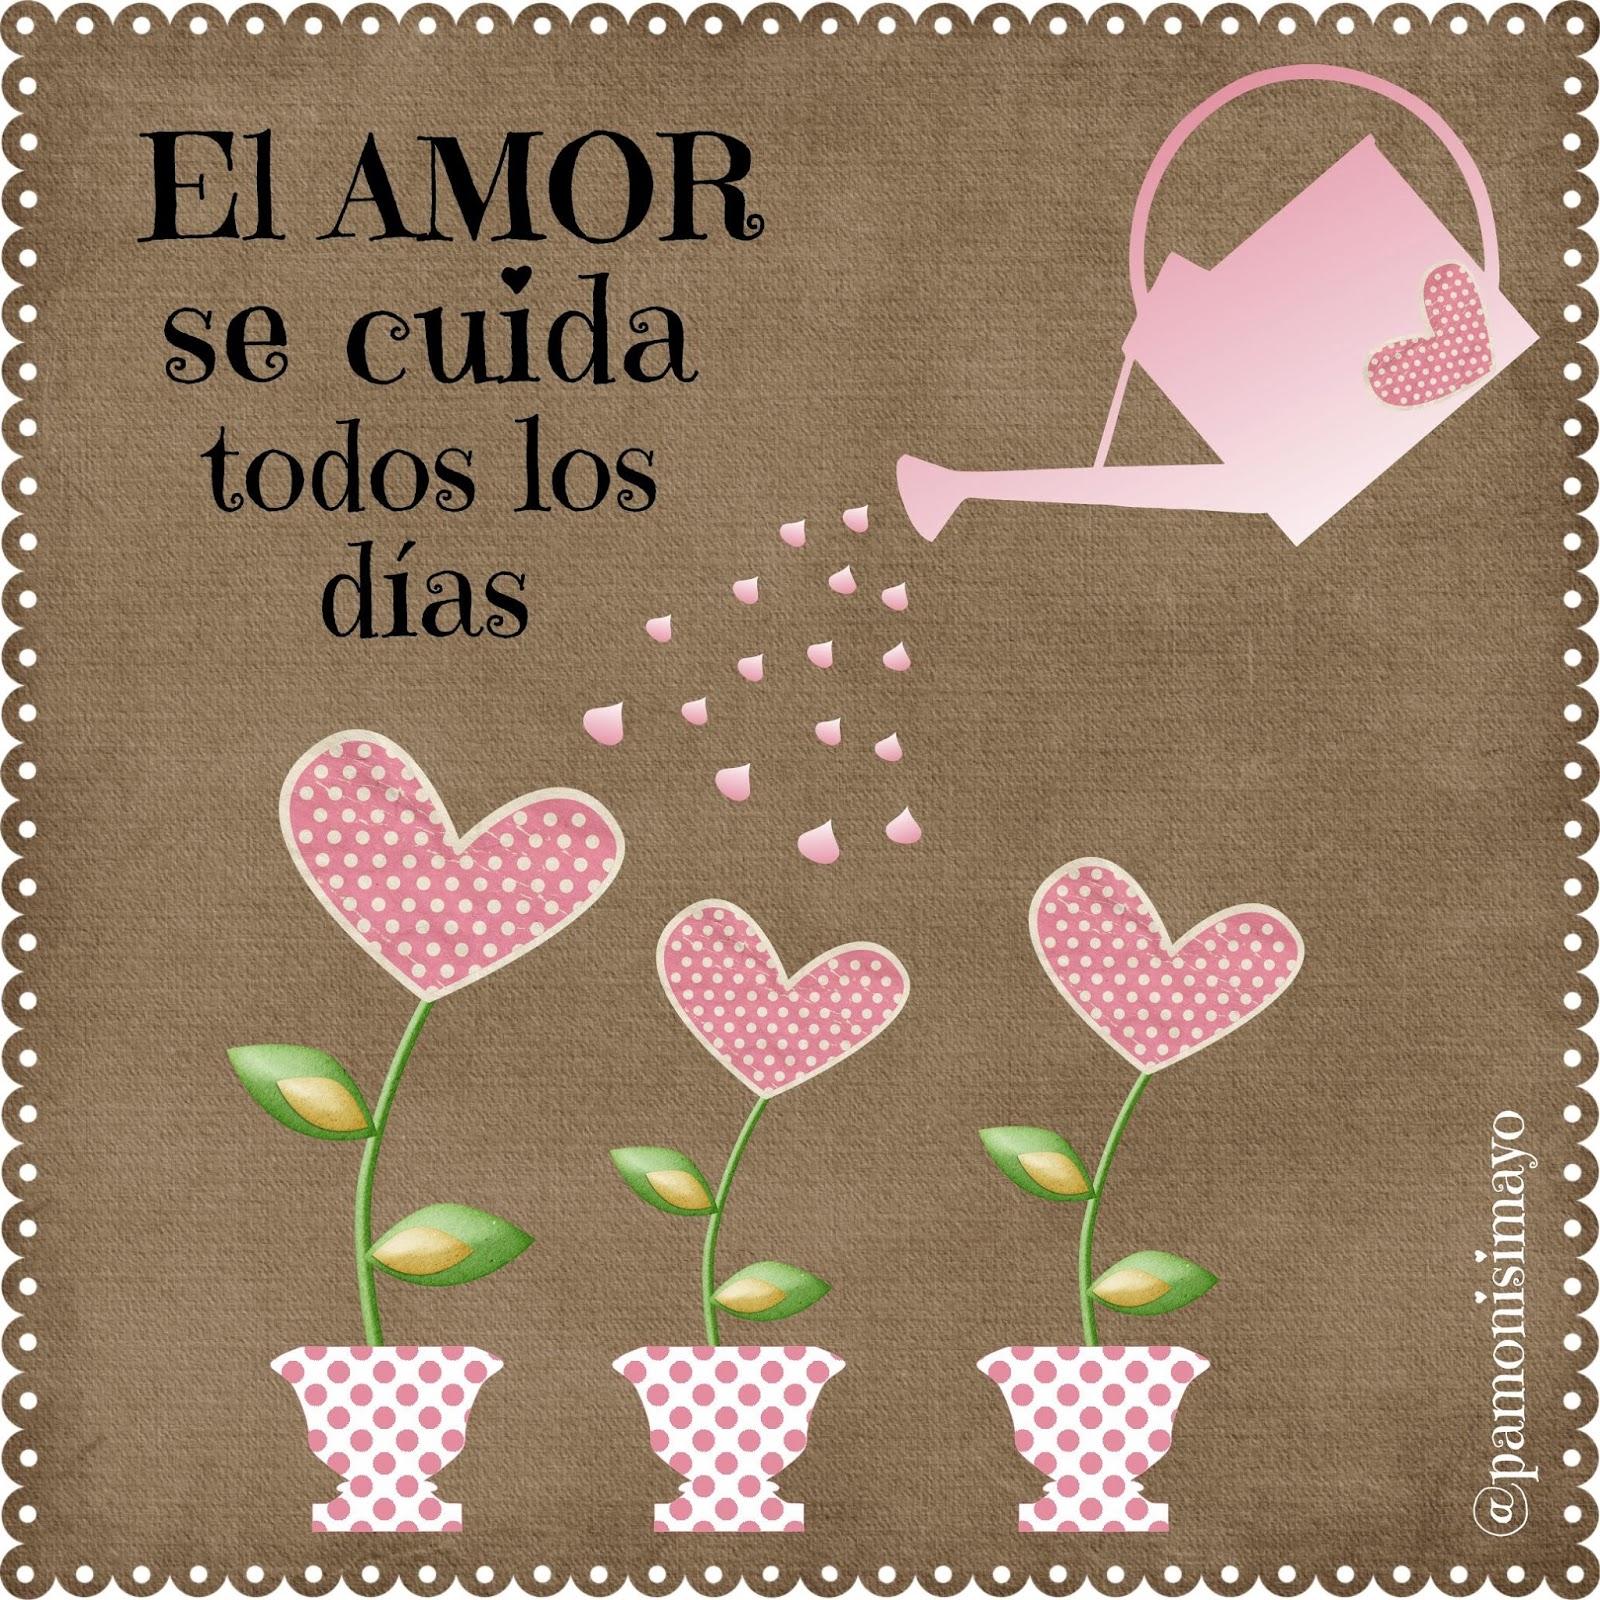 el amor se cuida todos los días @pamonisimayo